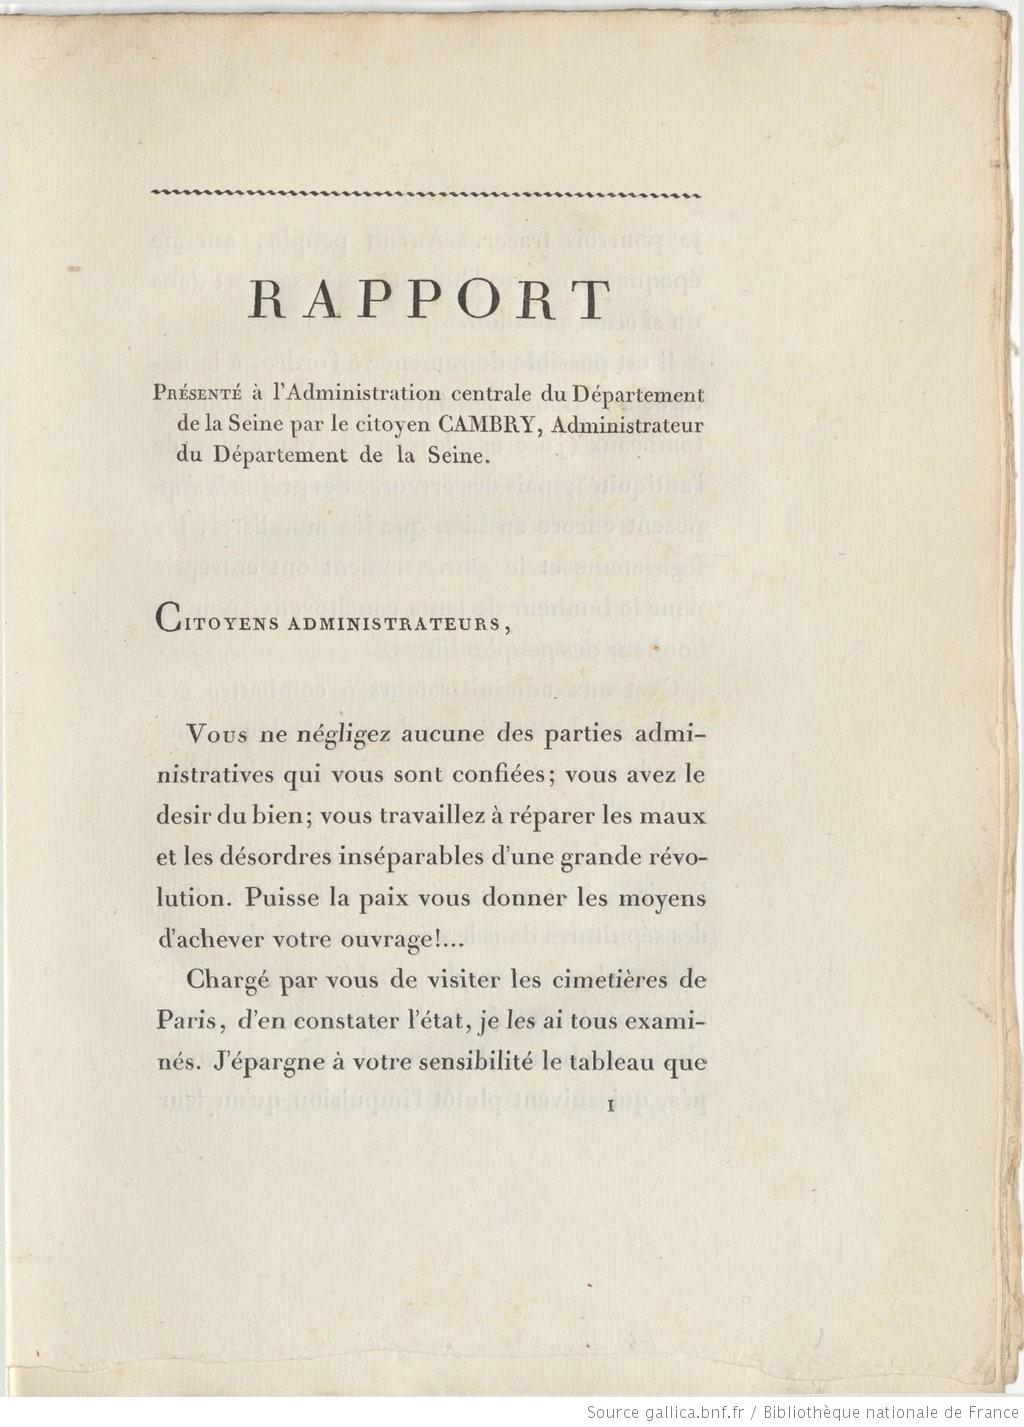 Rapport_sur_les_sépultures_présenté_[...]Cambry_Jacques_bpt6k6523825g (21)